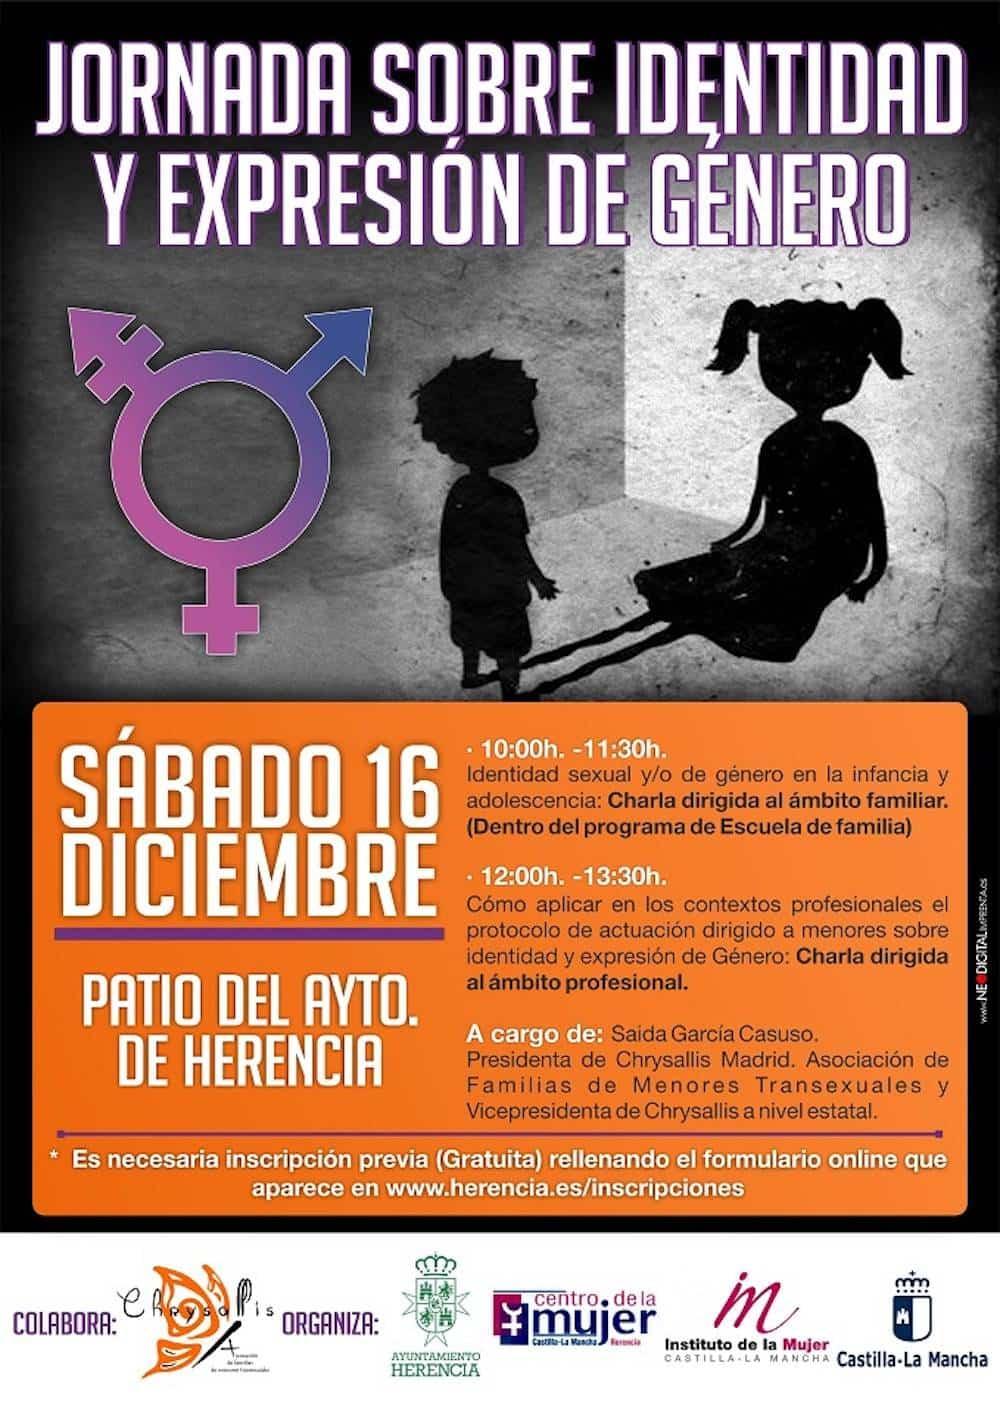 jornadas identidad expresion herencia - Jornadas sobre identidad y expresión de género en Herencia